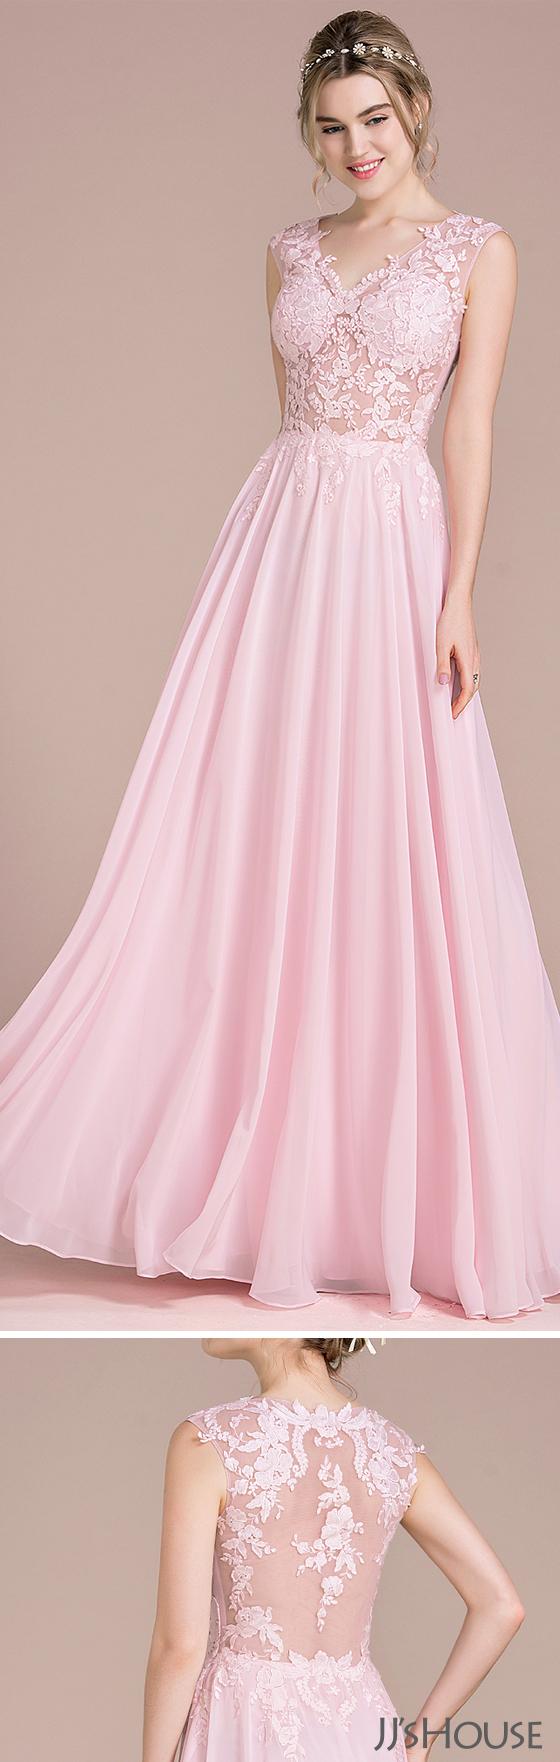 JJsHouse #Prom | prom | Pinterest | Vestiditos, Vestido de ensueño y ...